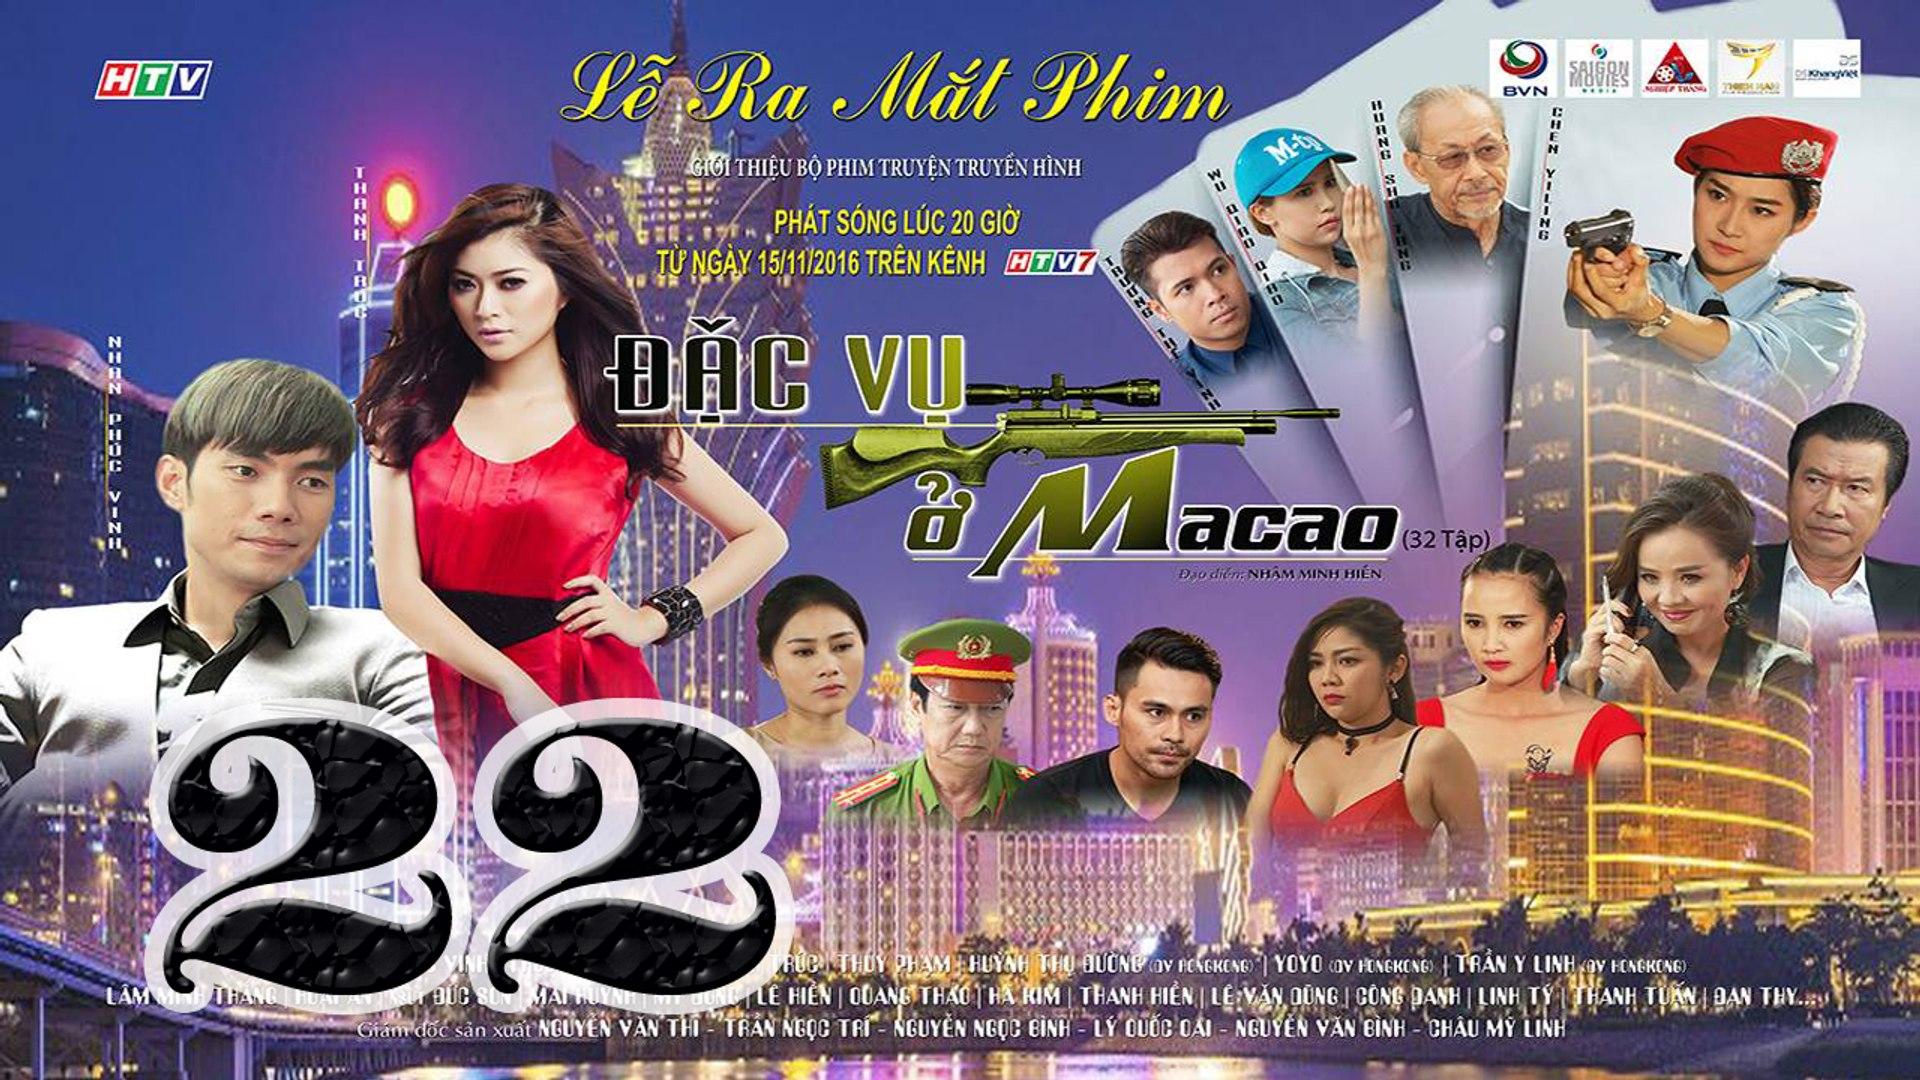 Đặc Vụ Ở Macao Tập 22 HTV7 - Phim Việt Nam